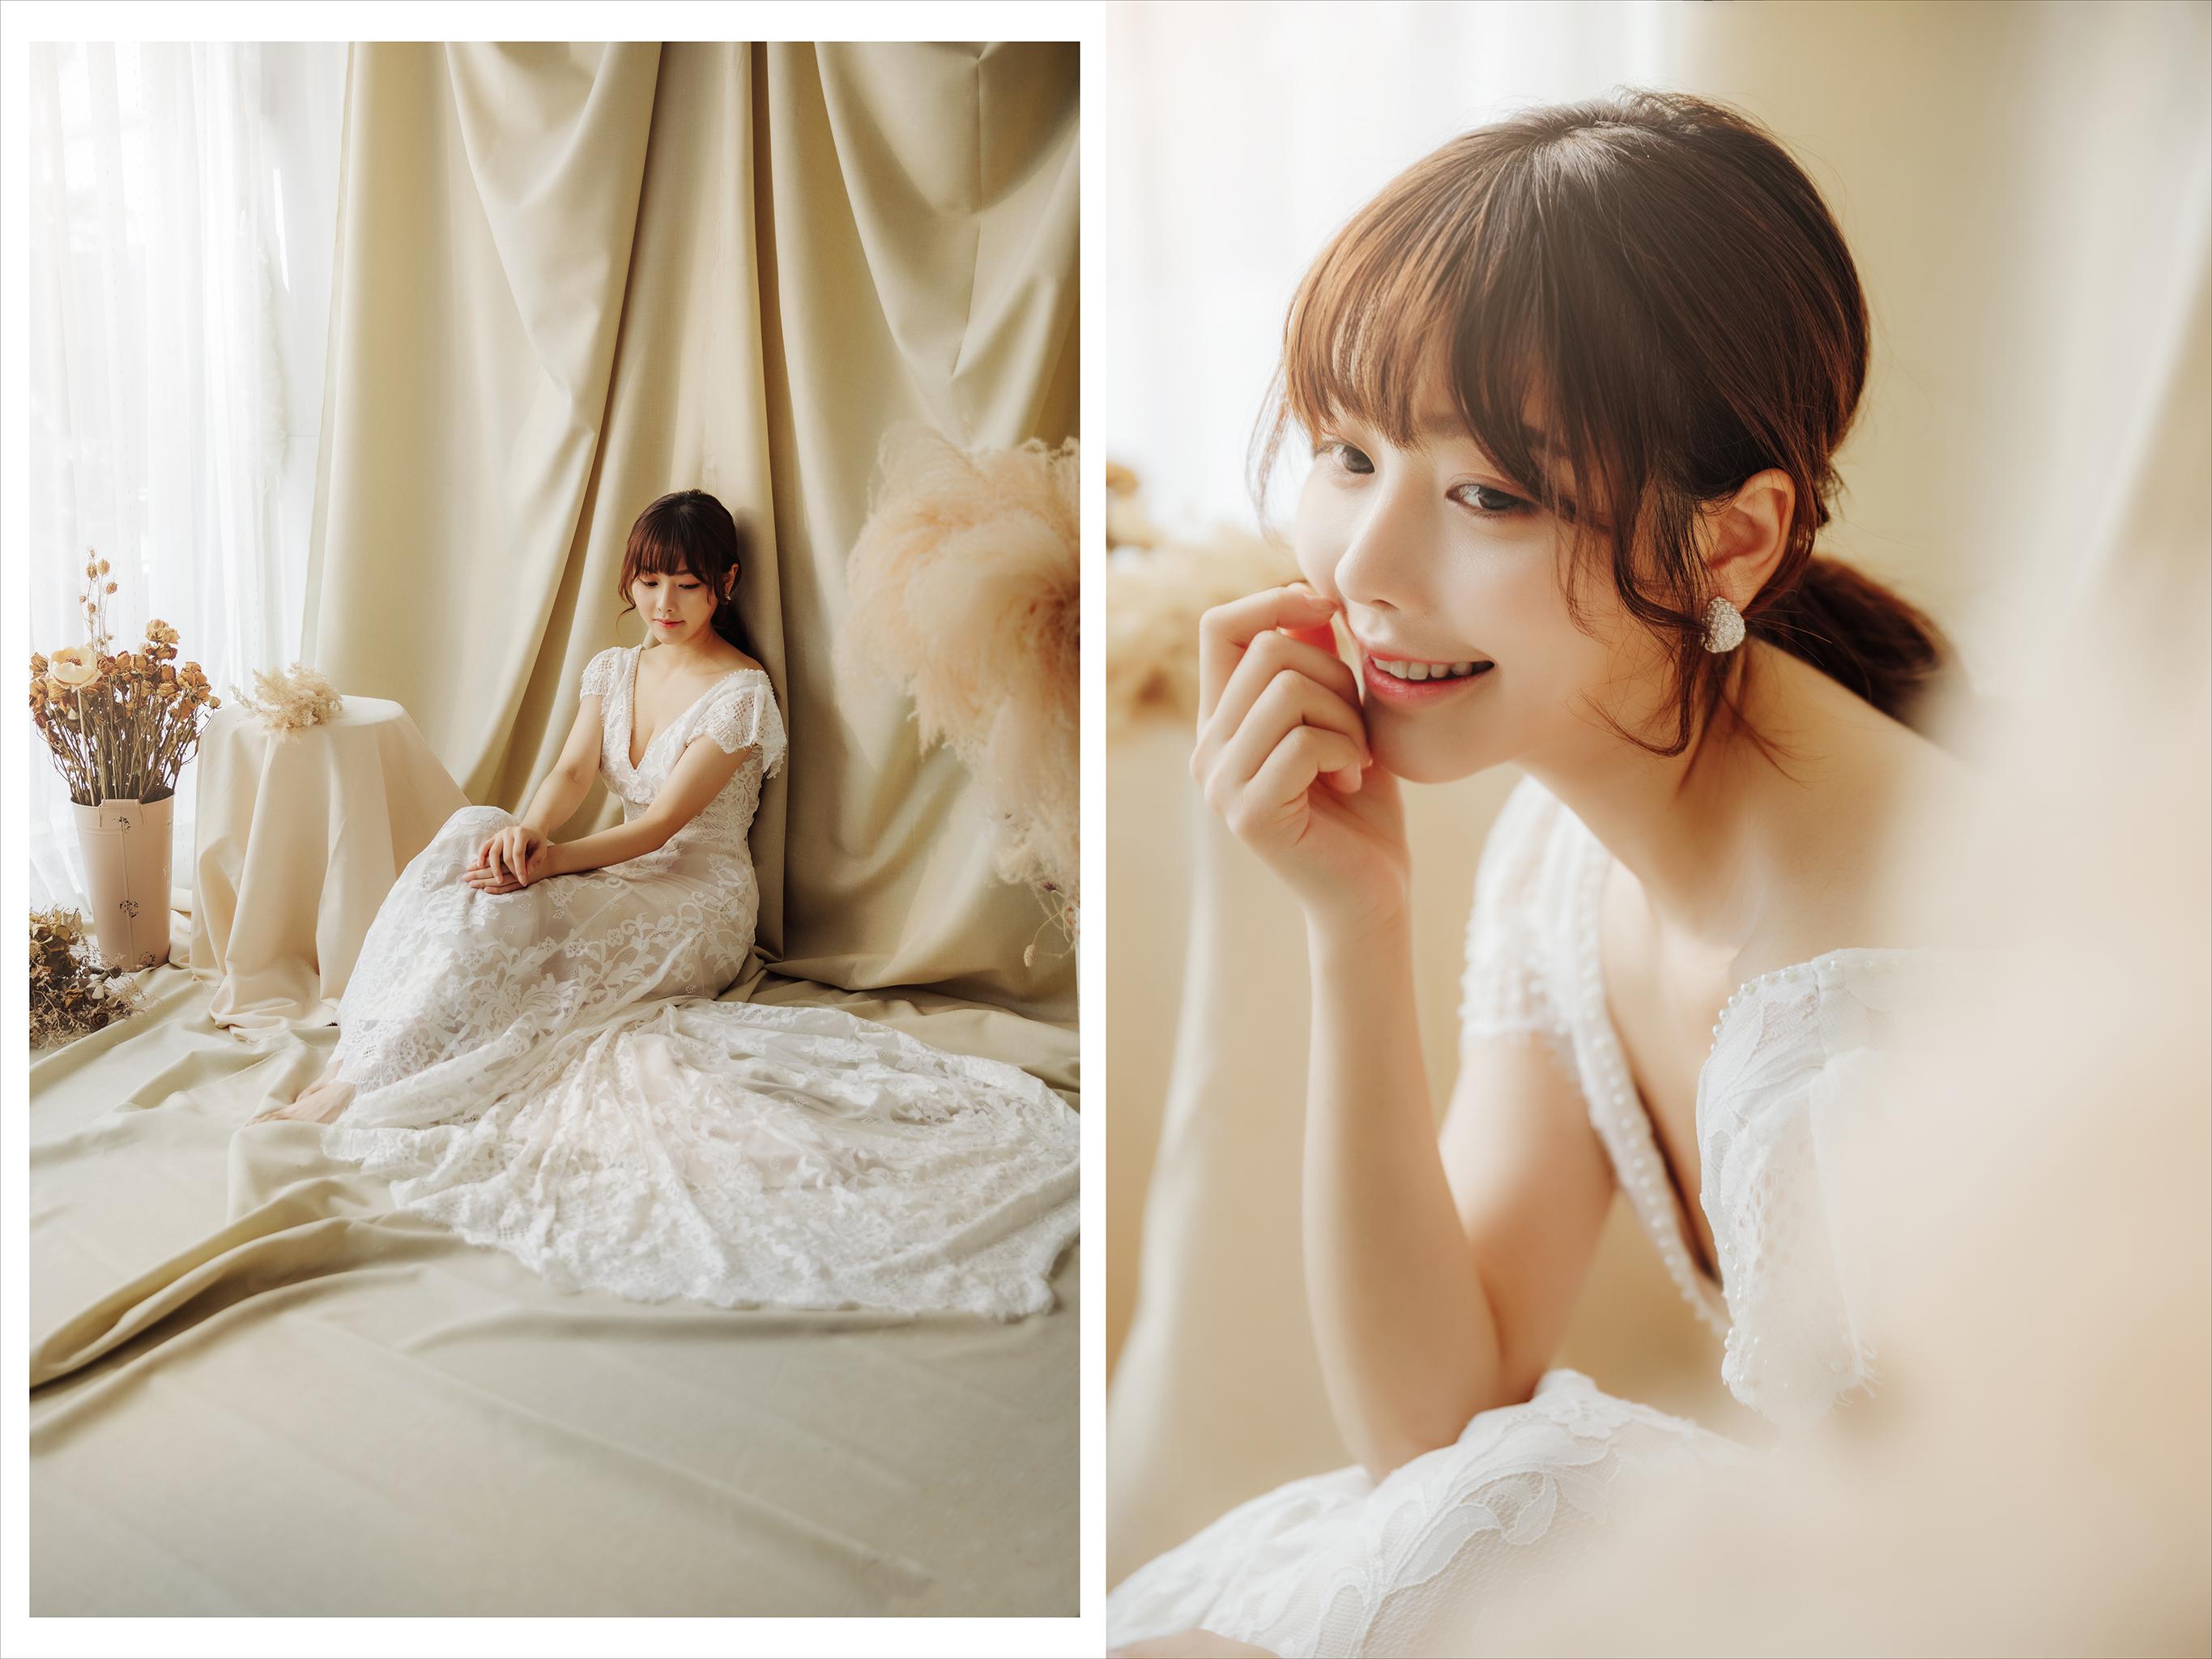 48956976111 f315a0ba26 o - 【自主婚紗】+Yu+